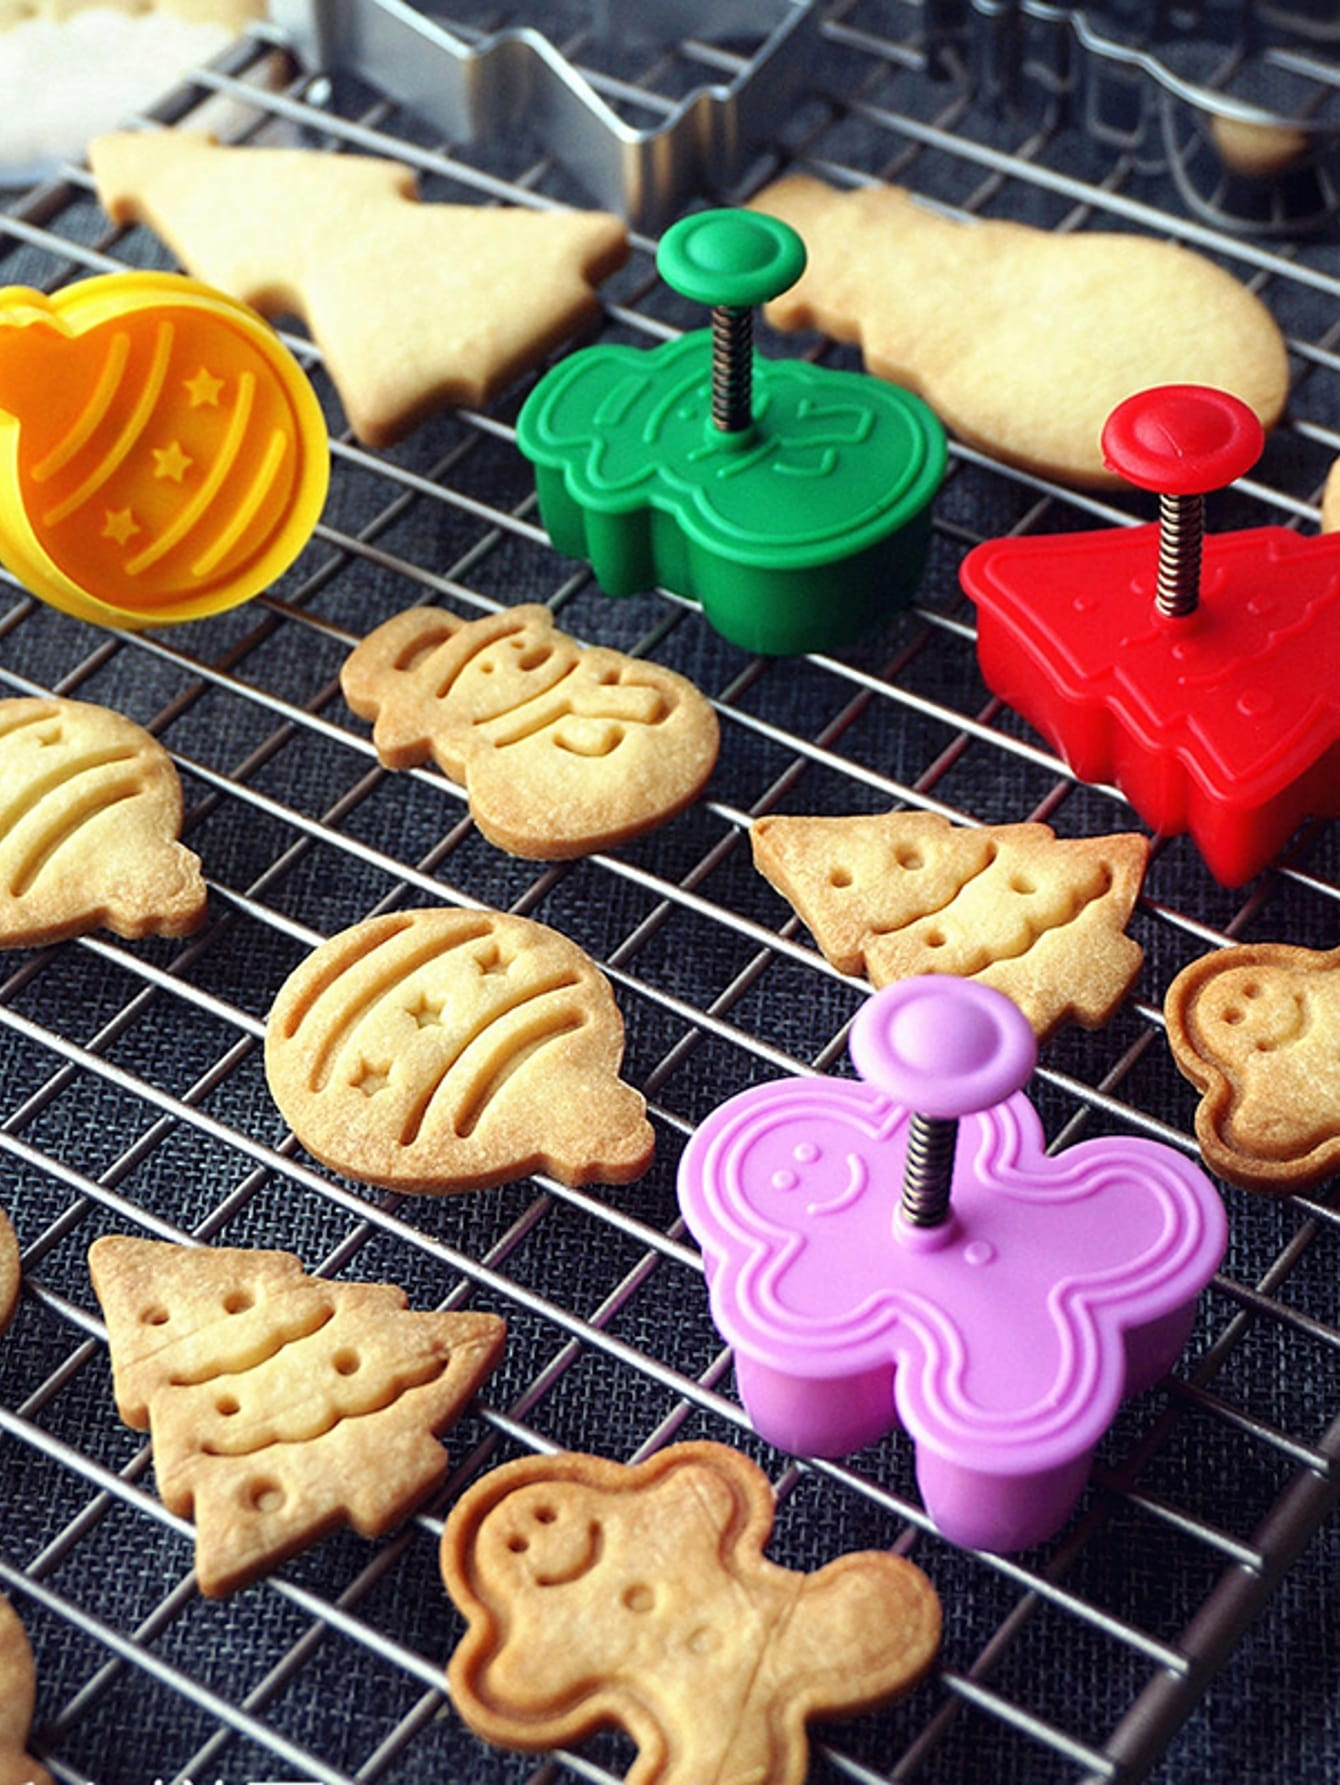 Купить Случайная цветная рождественская формовка для выпечки 4 шт, null, SheIn